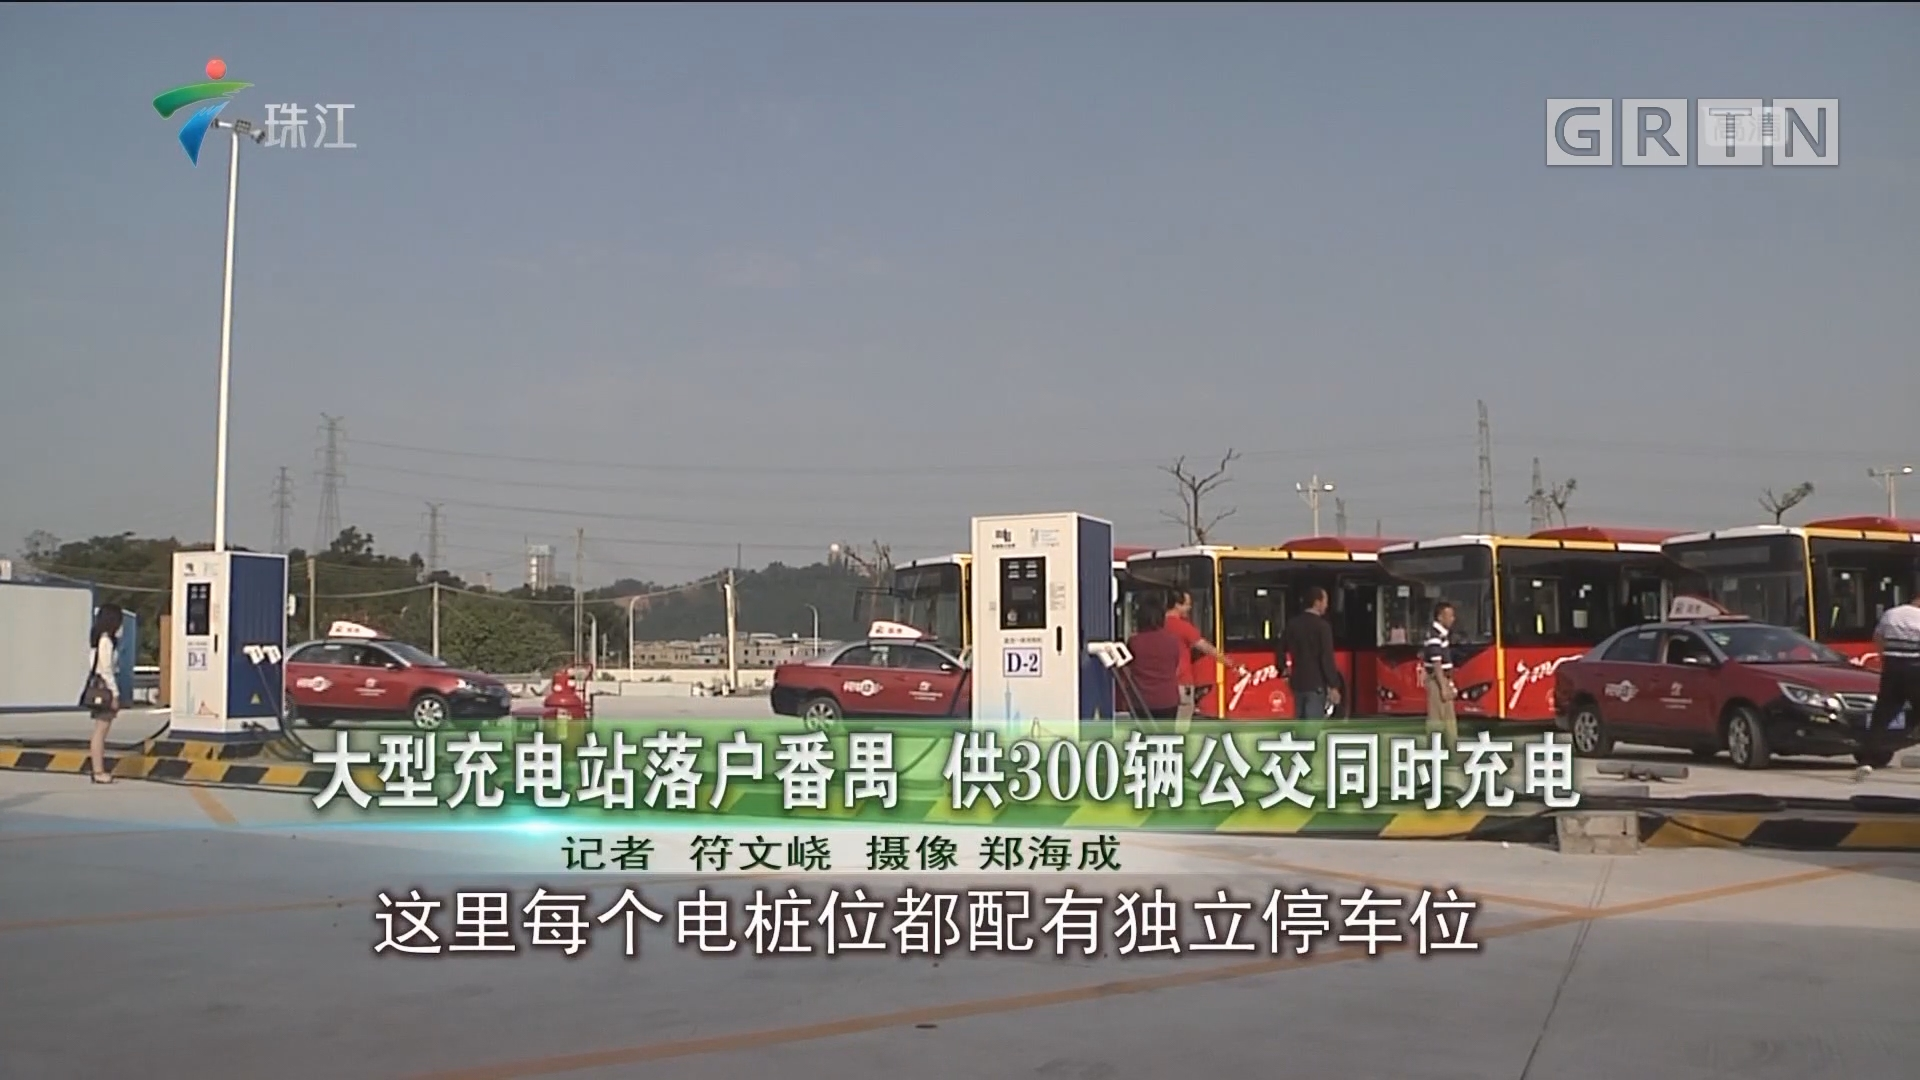 大型充电站落户番禺 供300辆公交同时充电